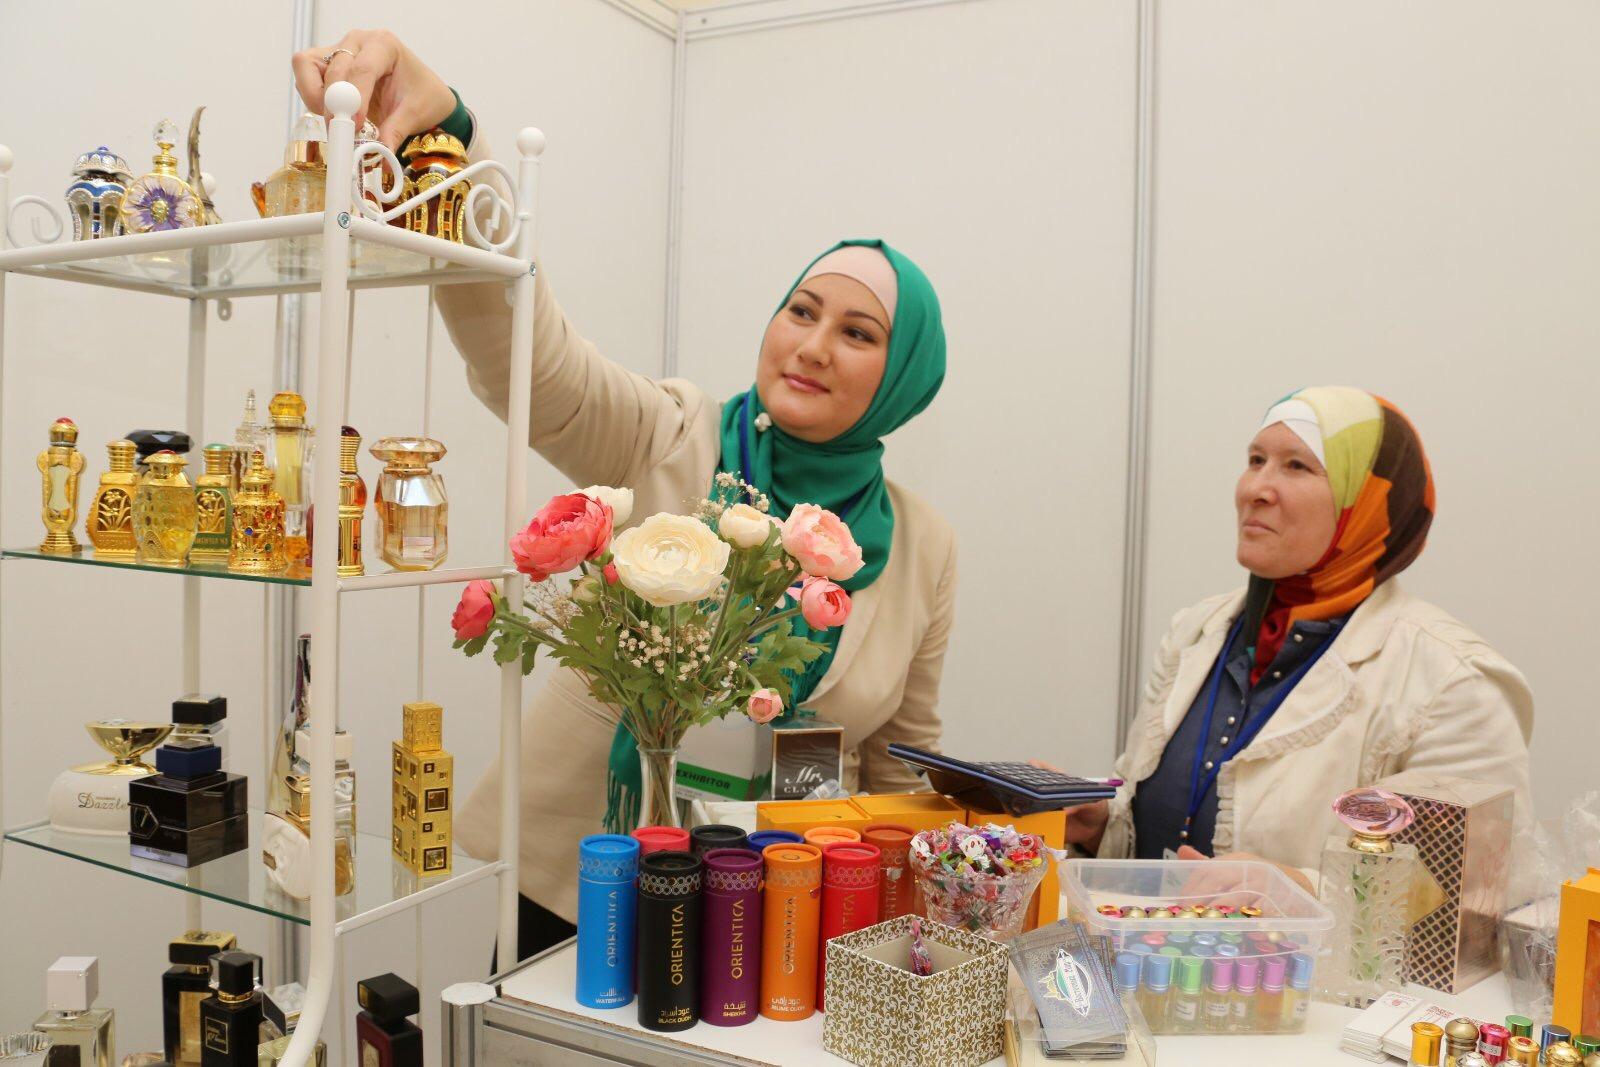 Самарская область принимает международную выставку в рамках форума World Halal Day